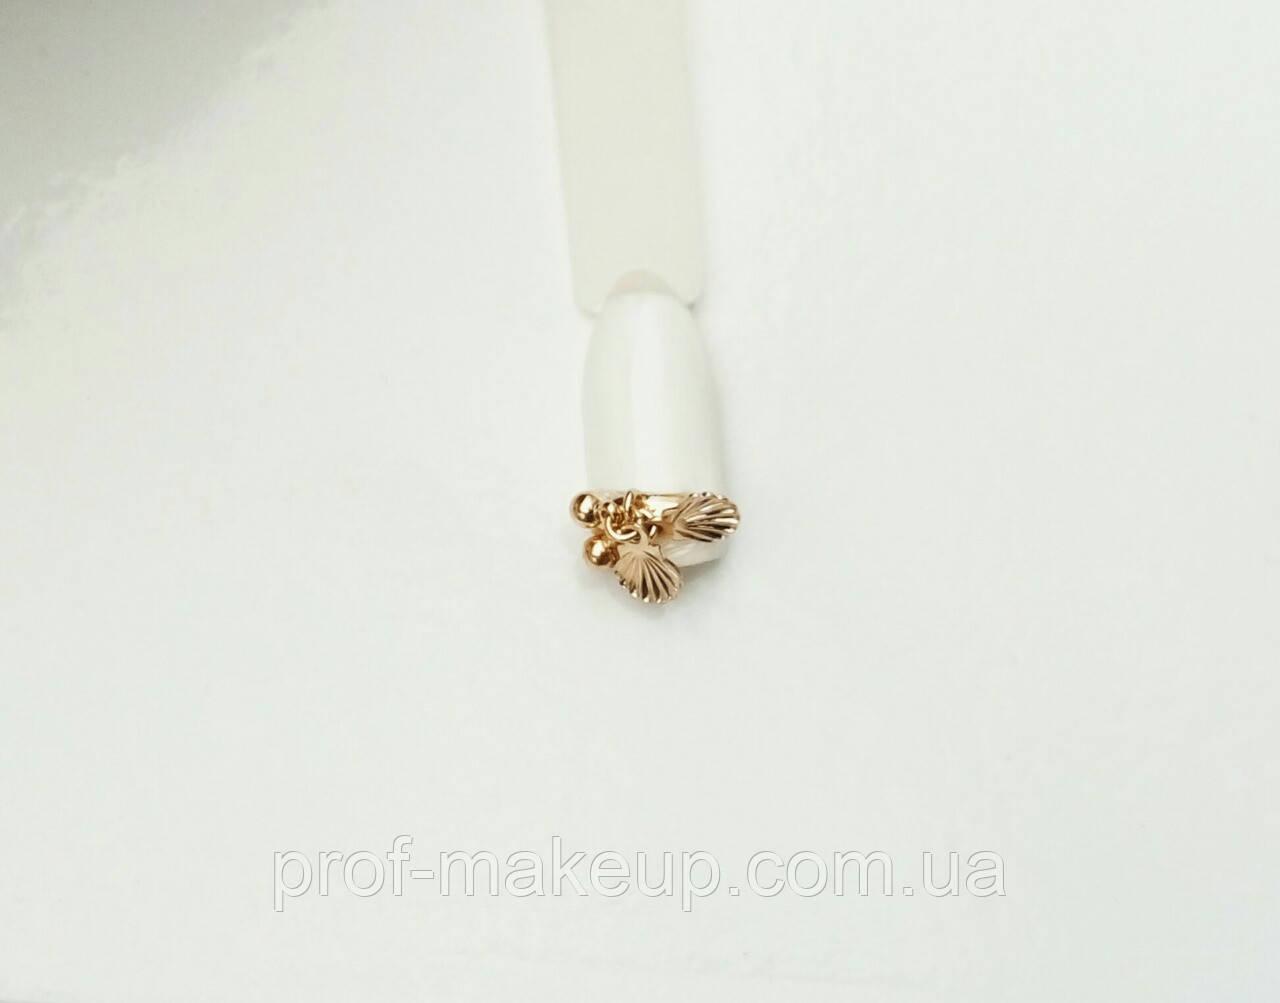 Украшение на ногти 3D золотая ракушка.